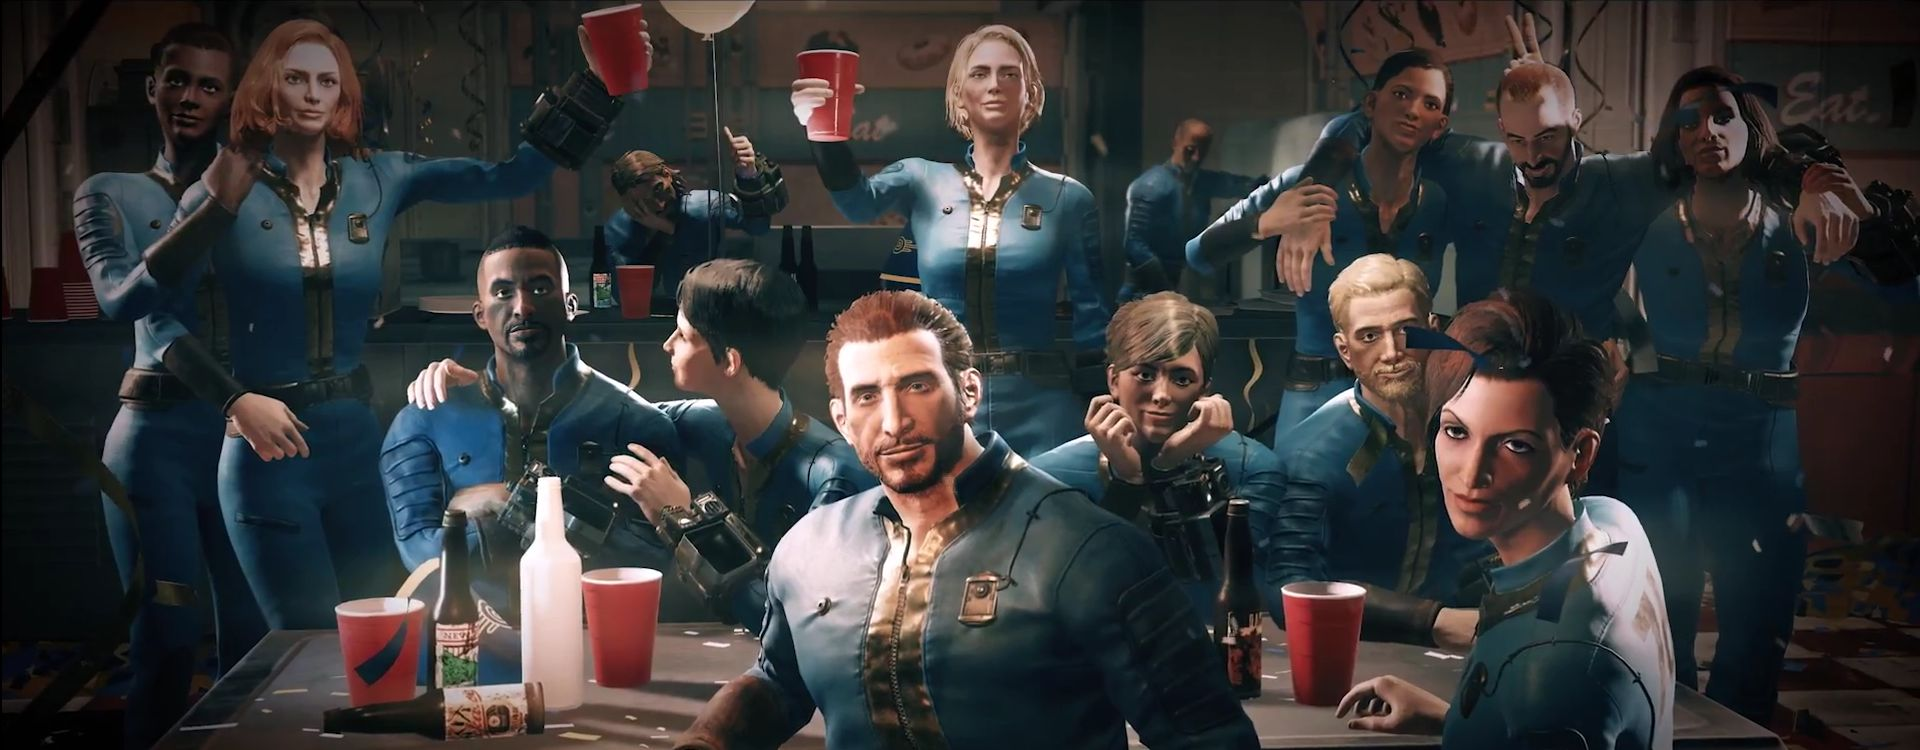 Fallout 76: Beta für PC und PS4 startet jetzt, aber beeilt Euch [Update]